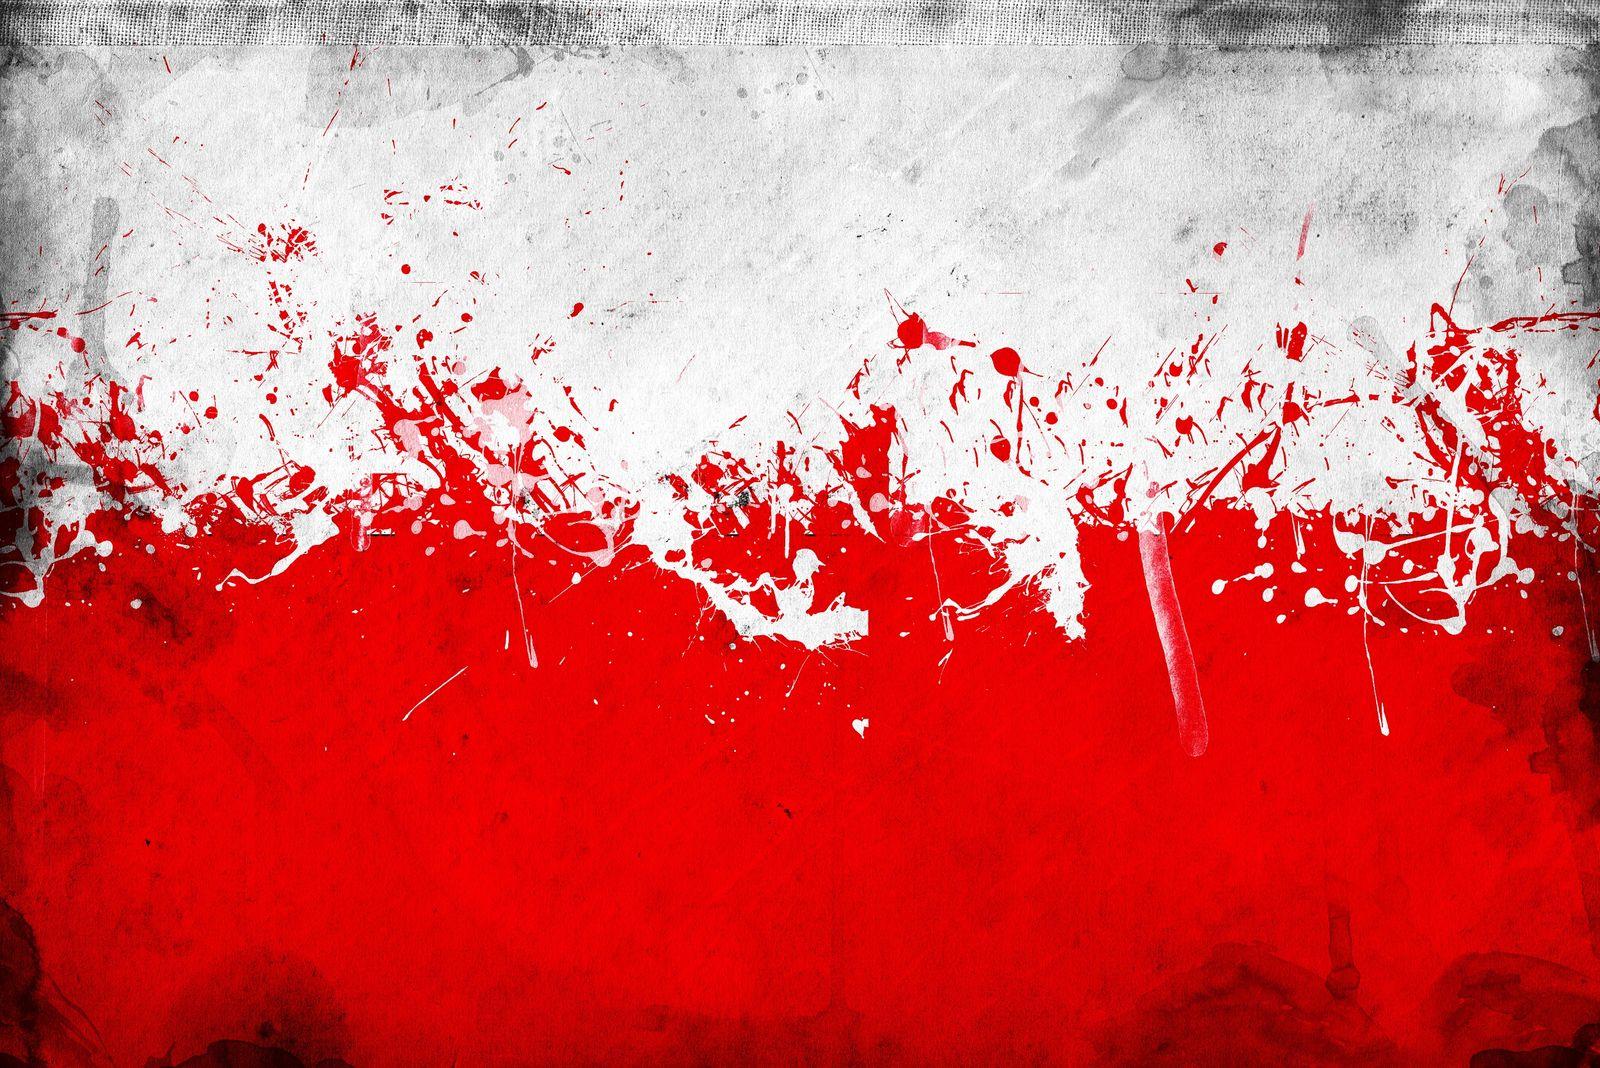 Narodowe Święto Niepodległości Ostrowin 2020